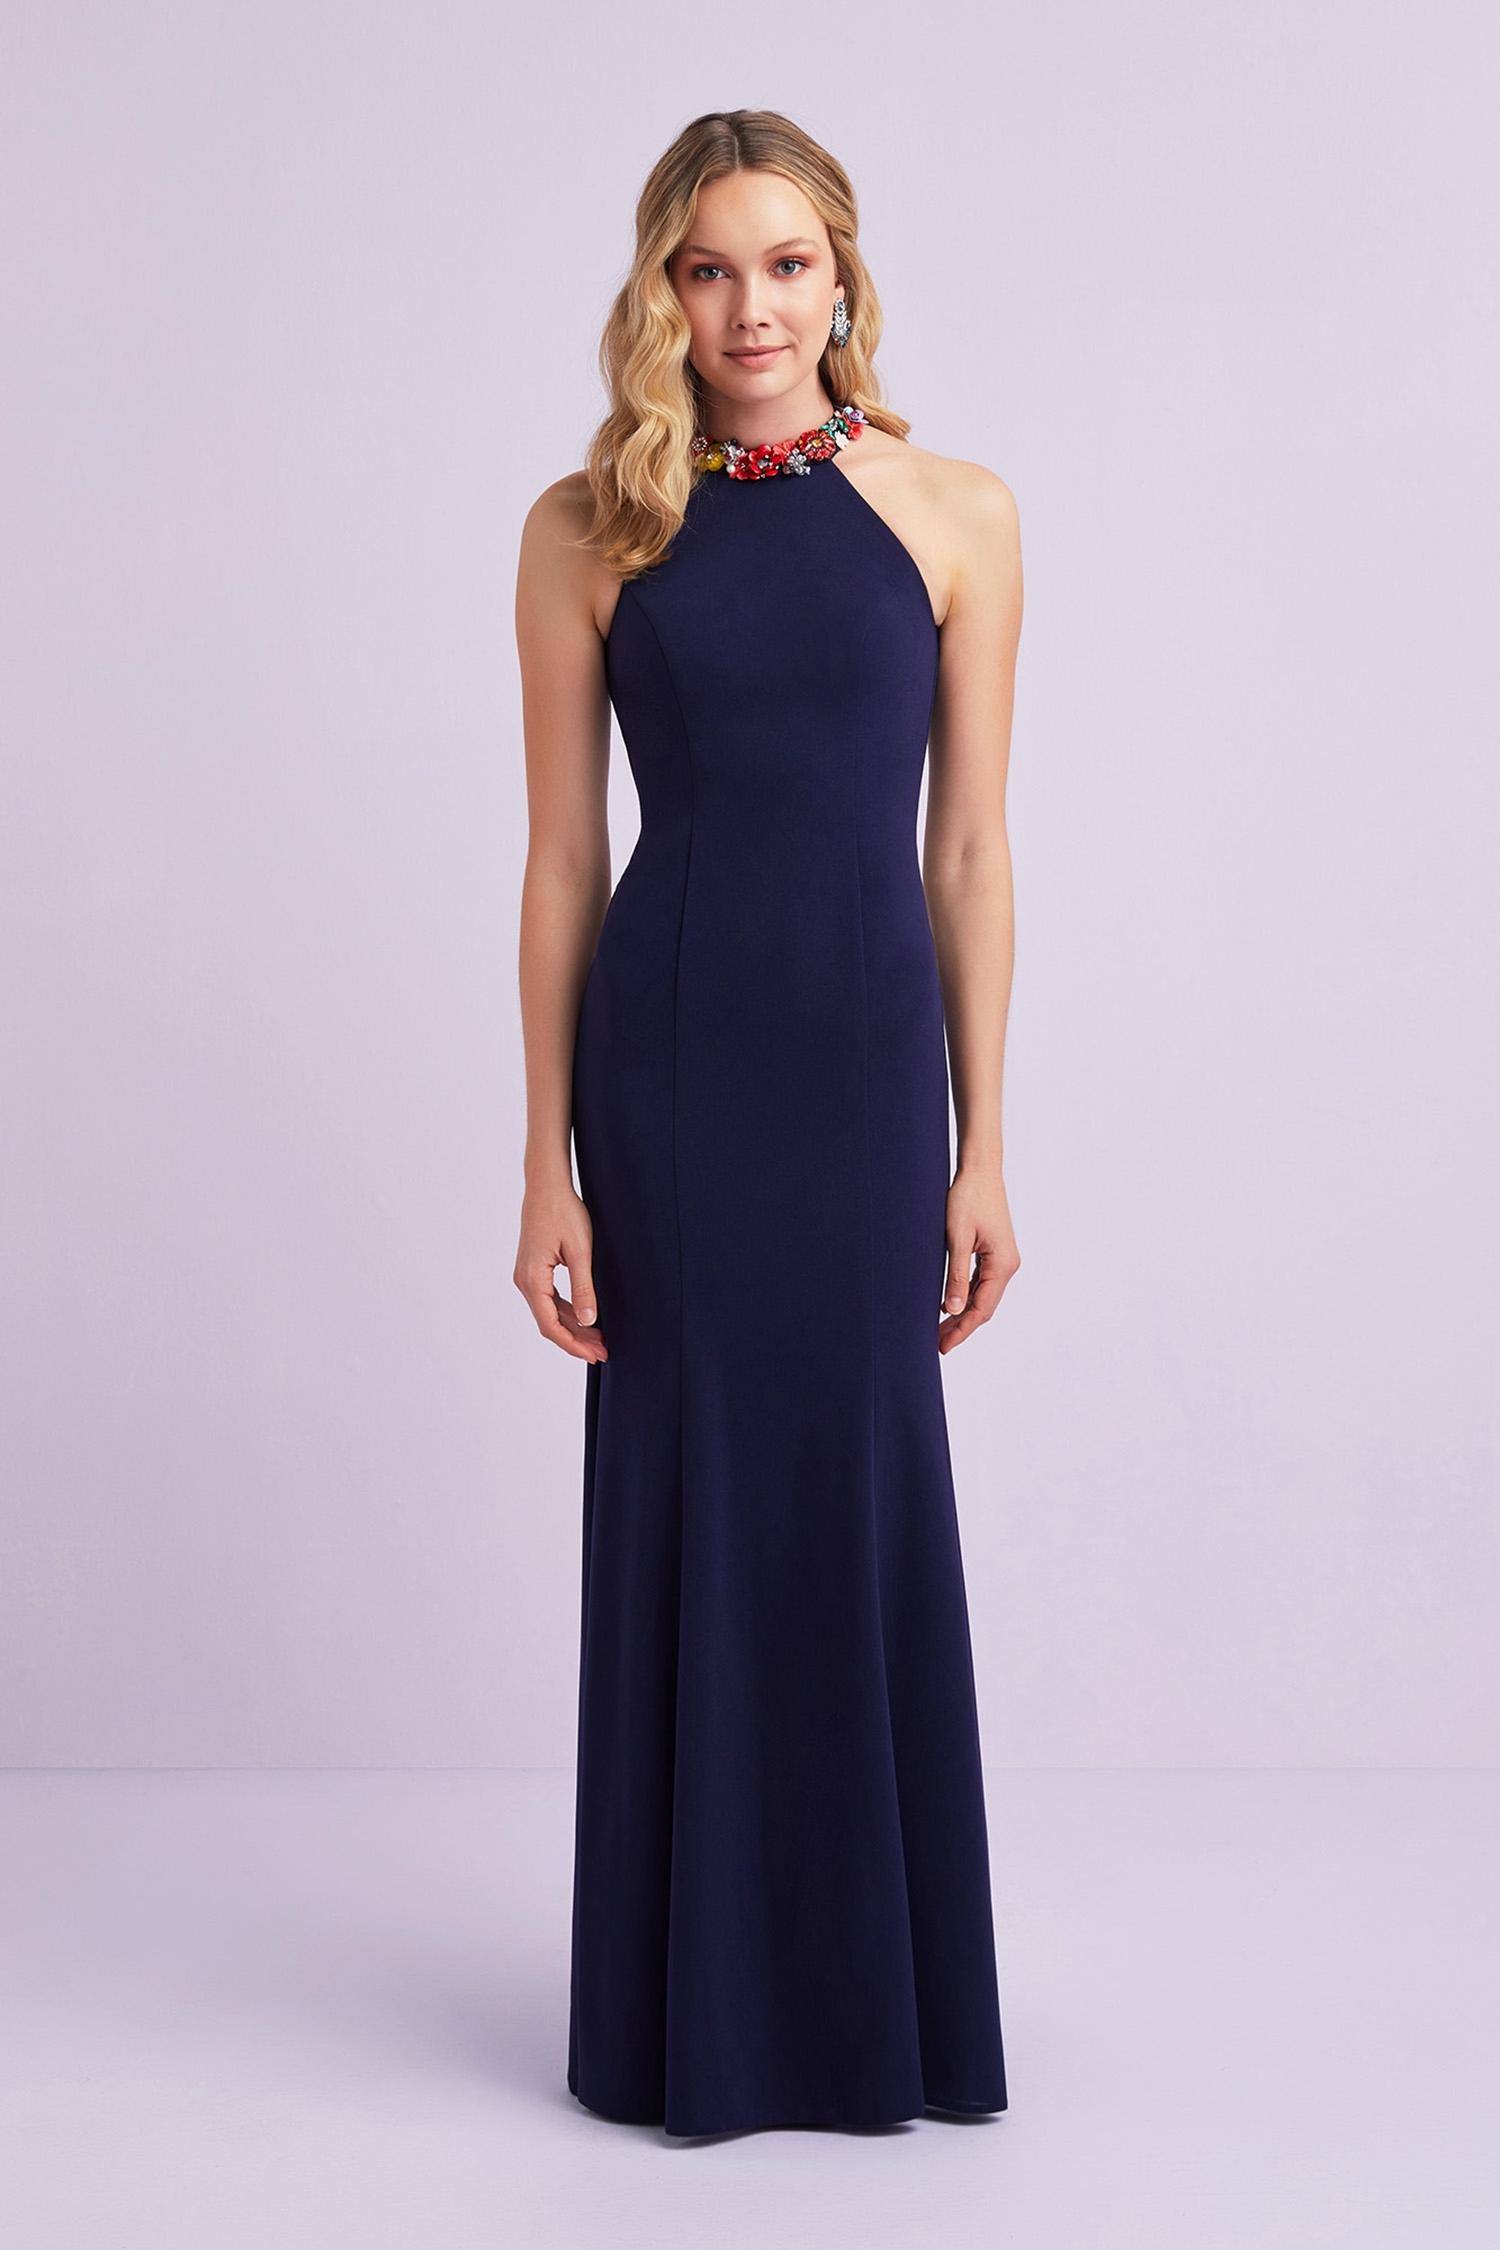 Lacivert Halter Yaka Detaylı Krep Uzun Abiye Elbise - Thumbnail